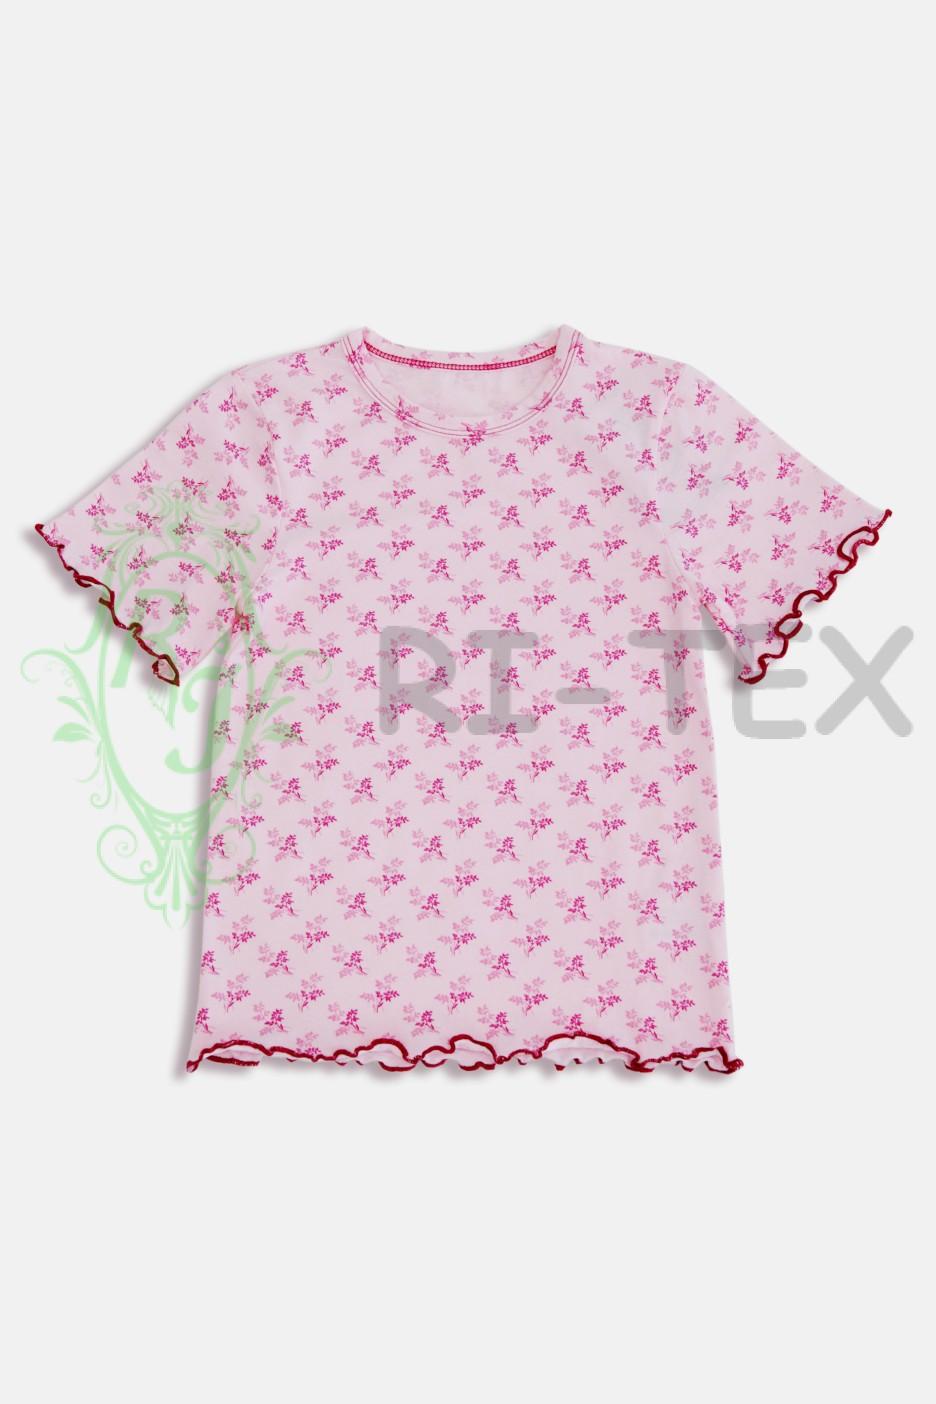 """Піжама для дівчаток """"Гілочки"""" М-029 (3-10 років)"""